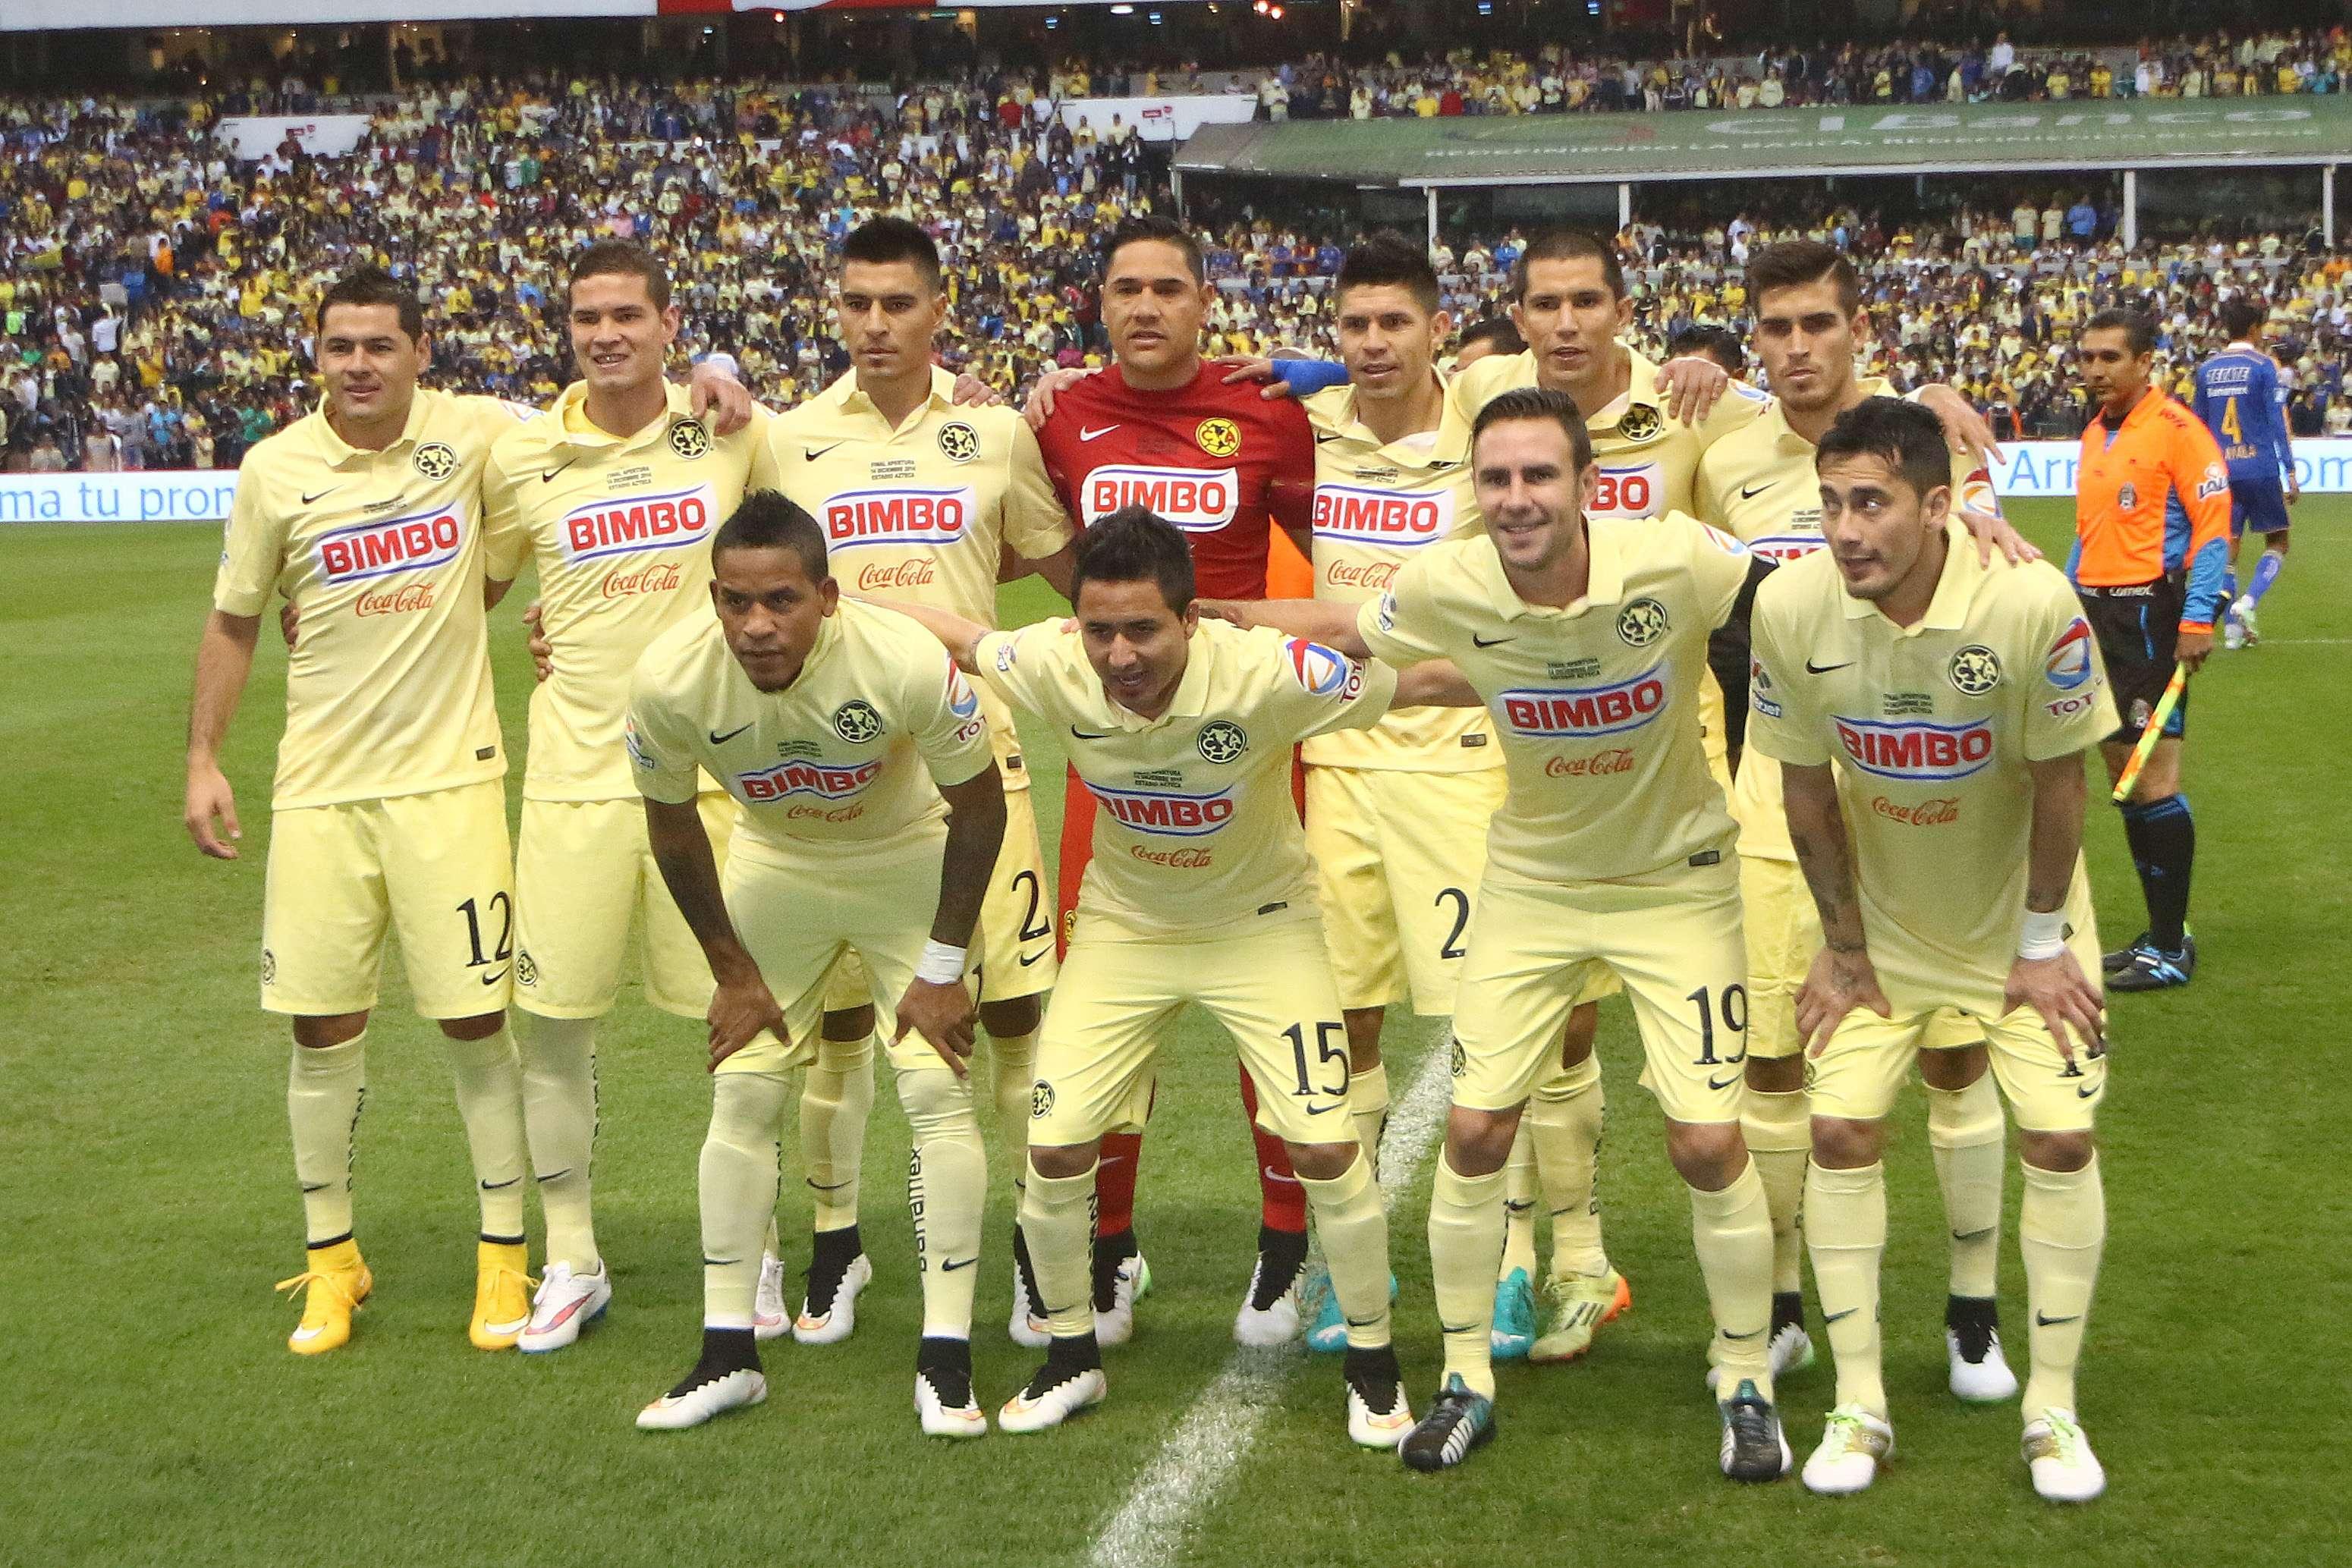 América, campeón del Apertura 2014. Foto: Imago7